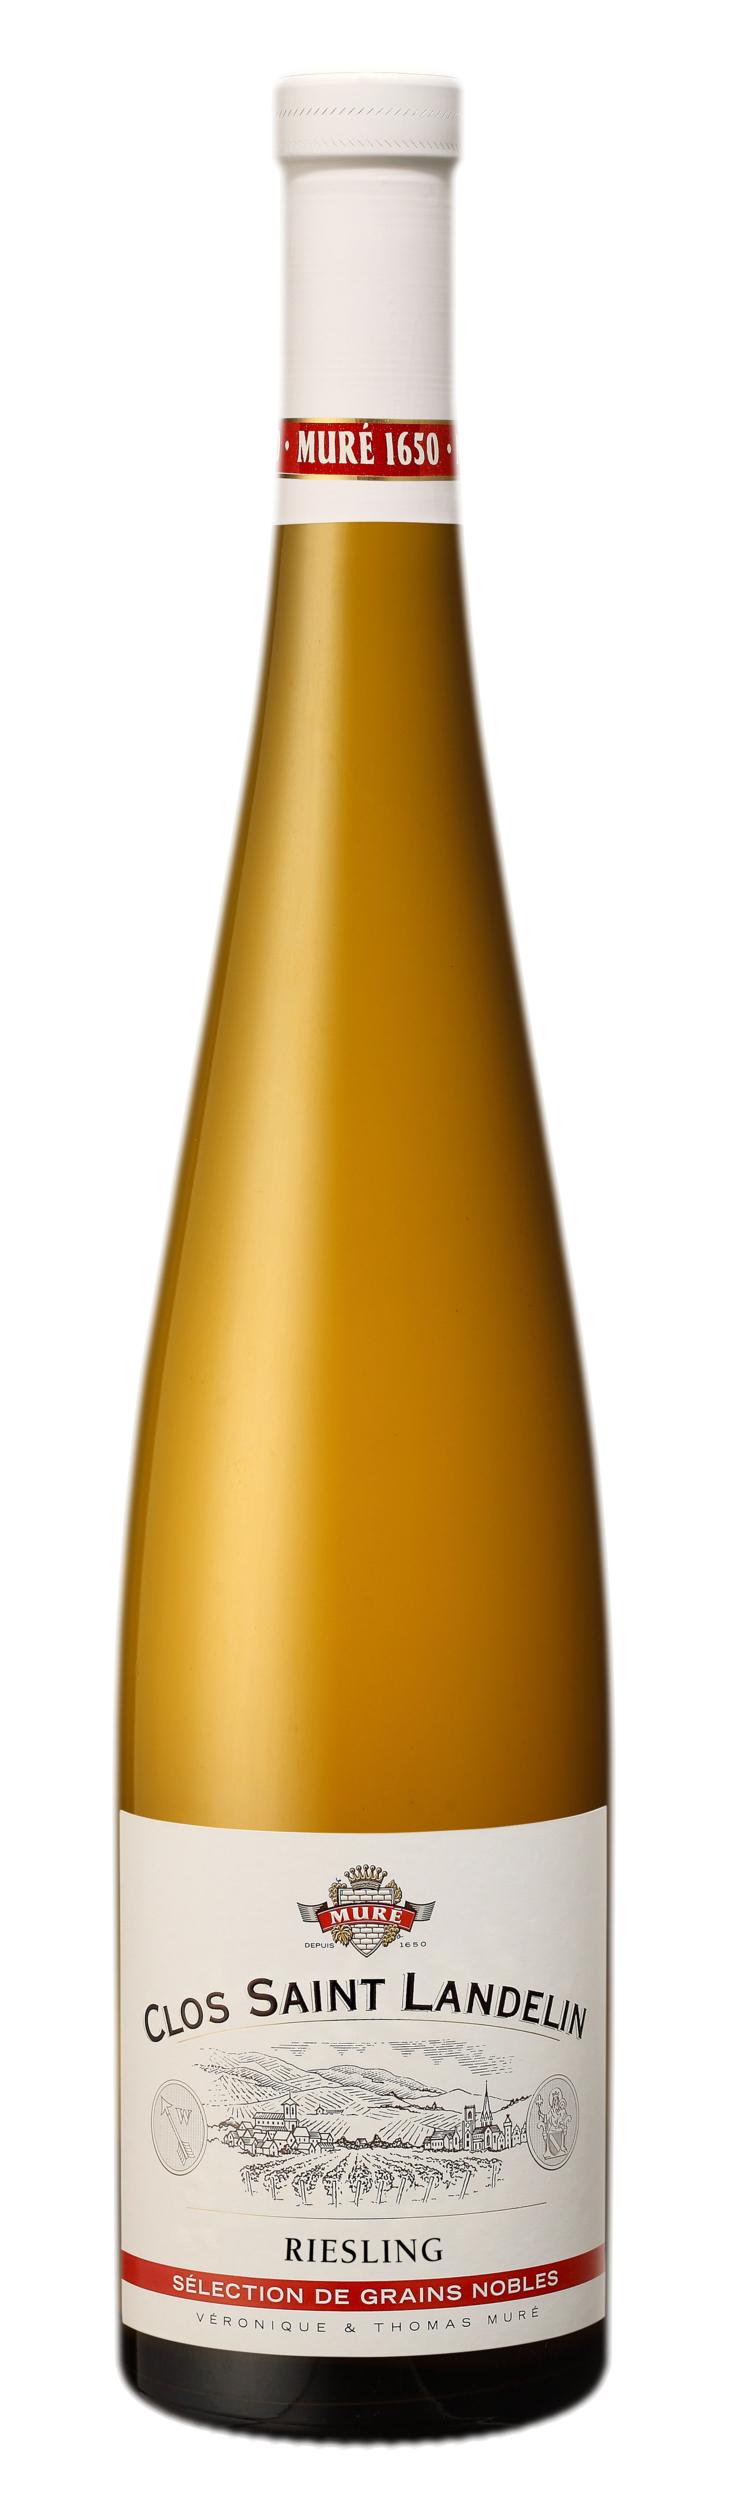 Domaine Muré Selection Grains Nobles Riesling Clos St Landelin G.C. Monopole 50cl 2016